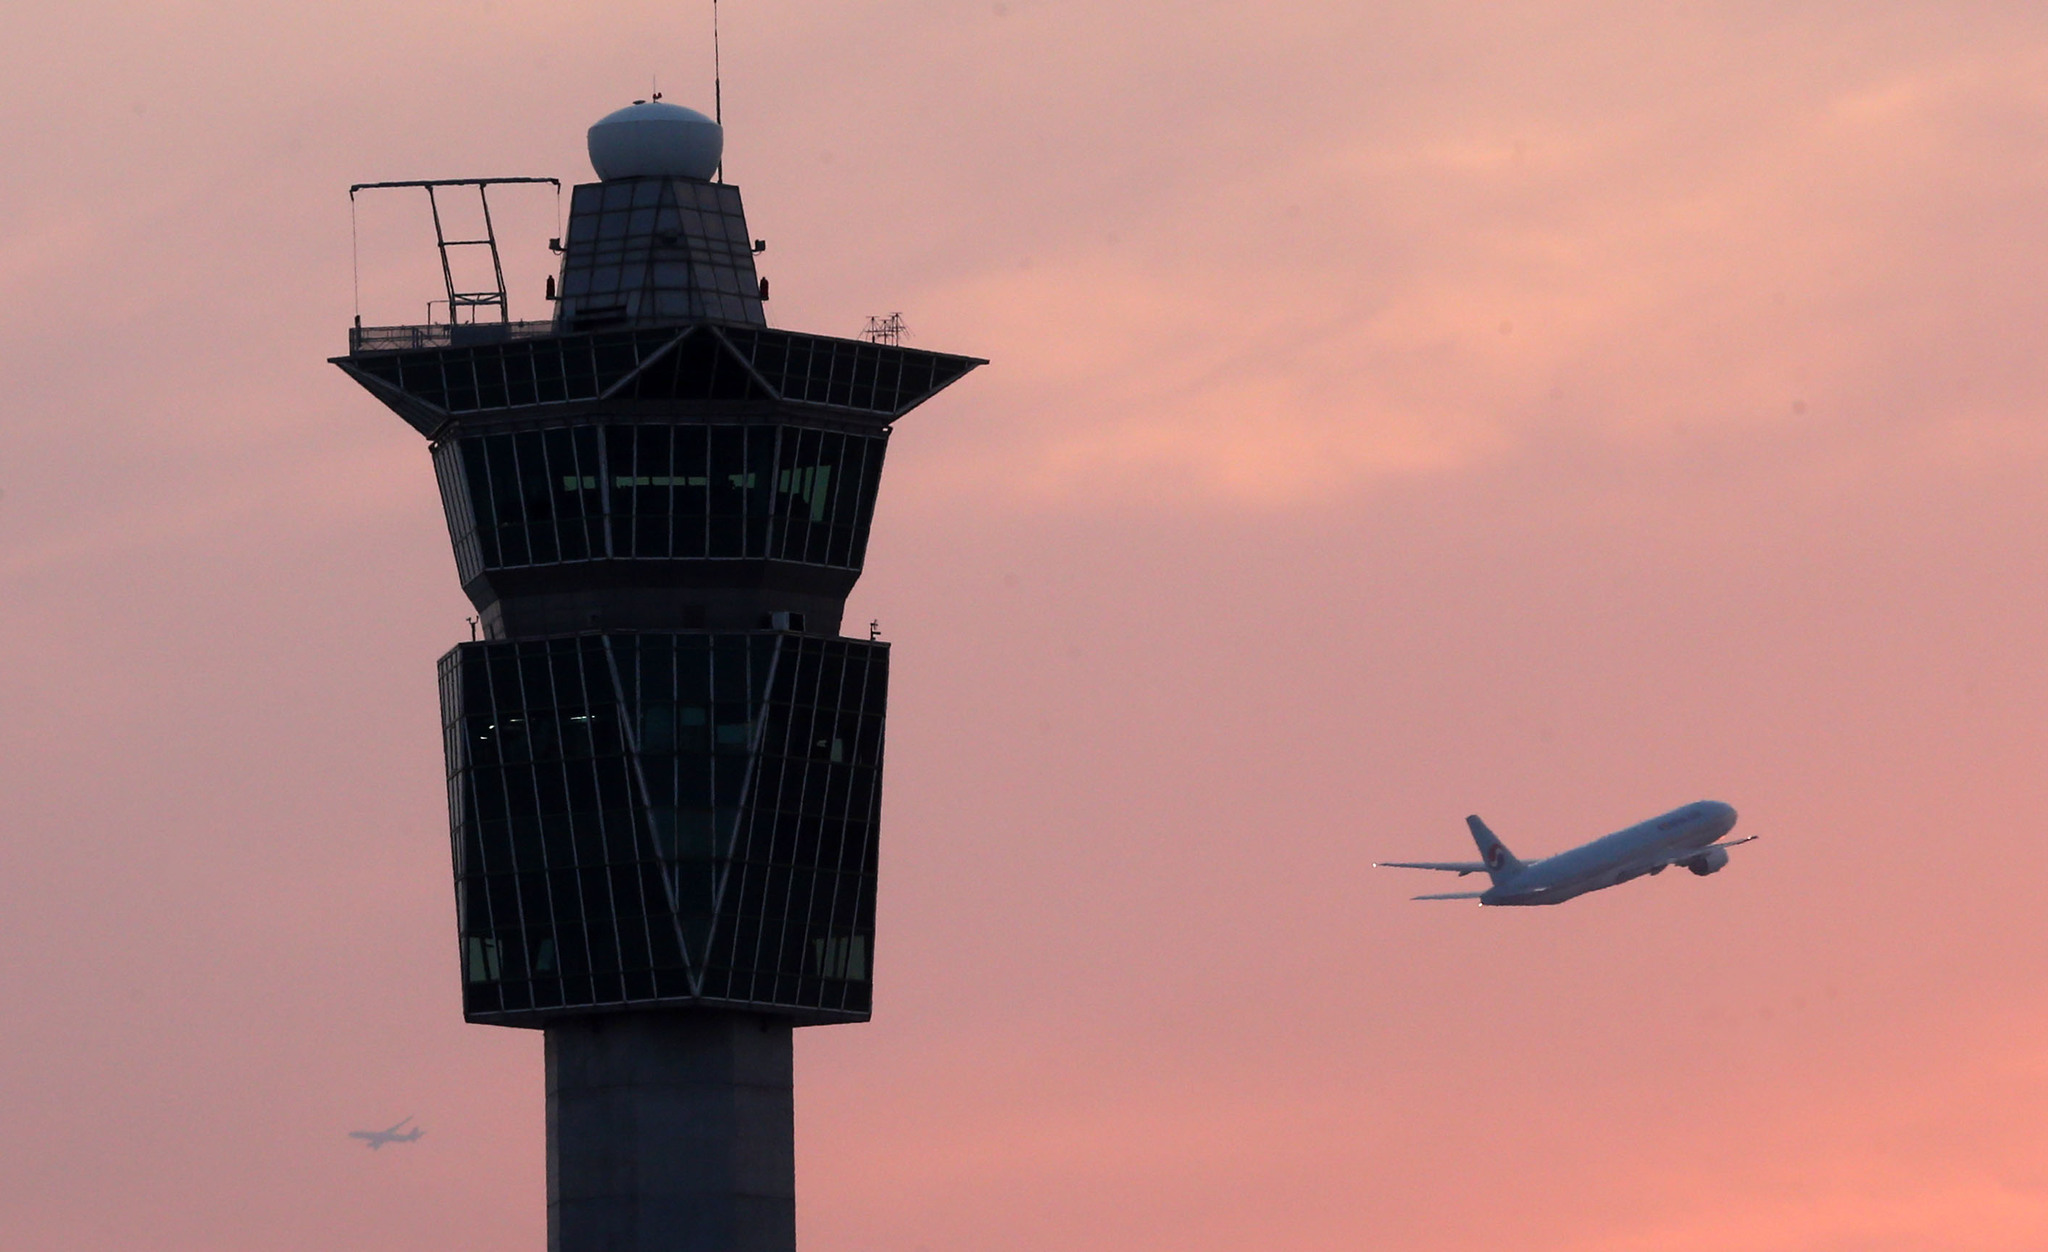 아카라 항로 중 우리 하늘에서 일본이 행사하던 관제권을 되돌려 받을 가능성이 커지고 있다. [중앙포토]